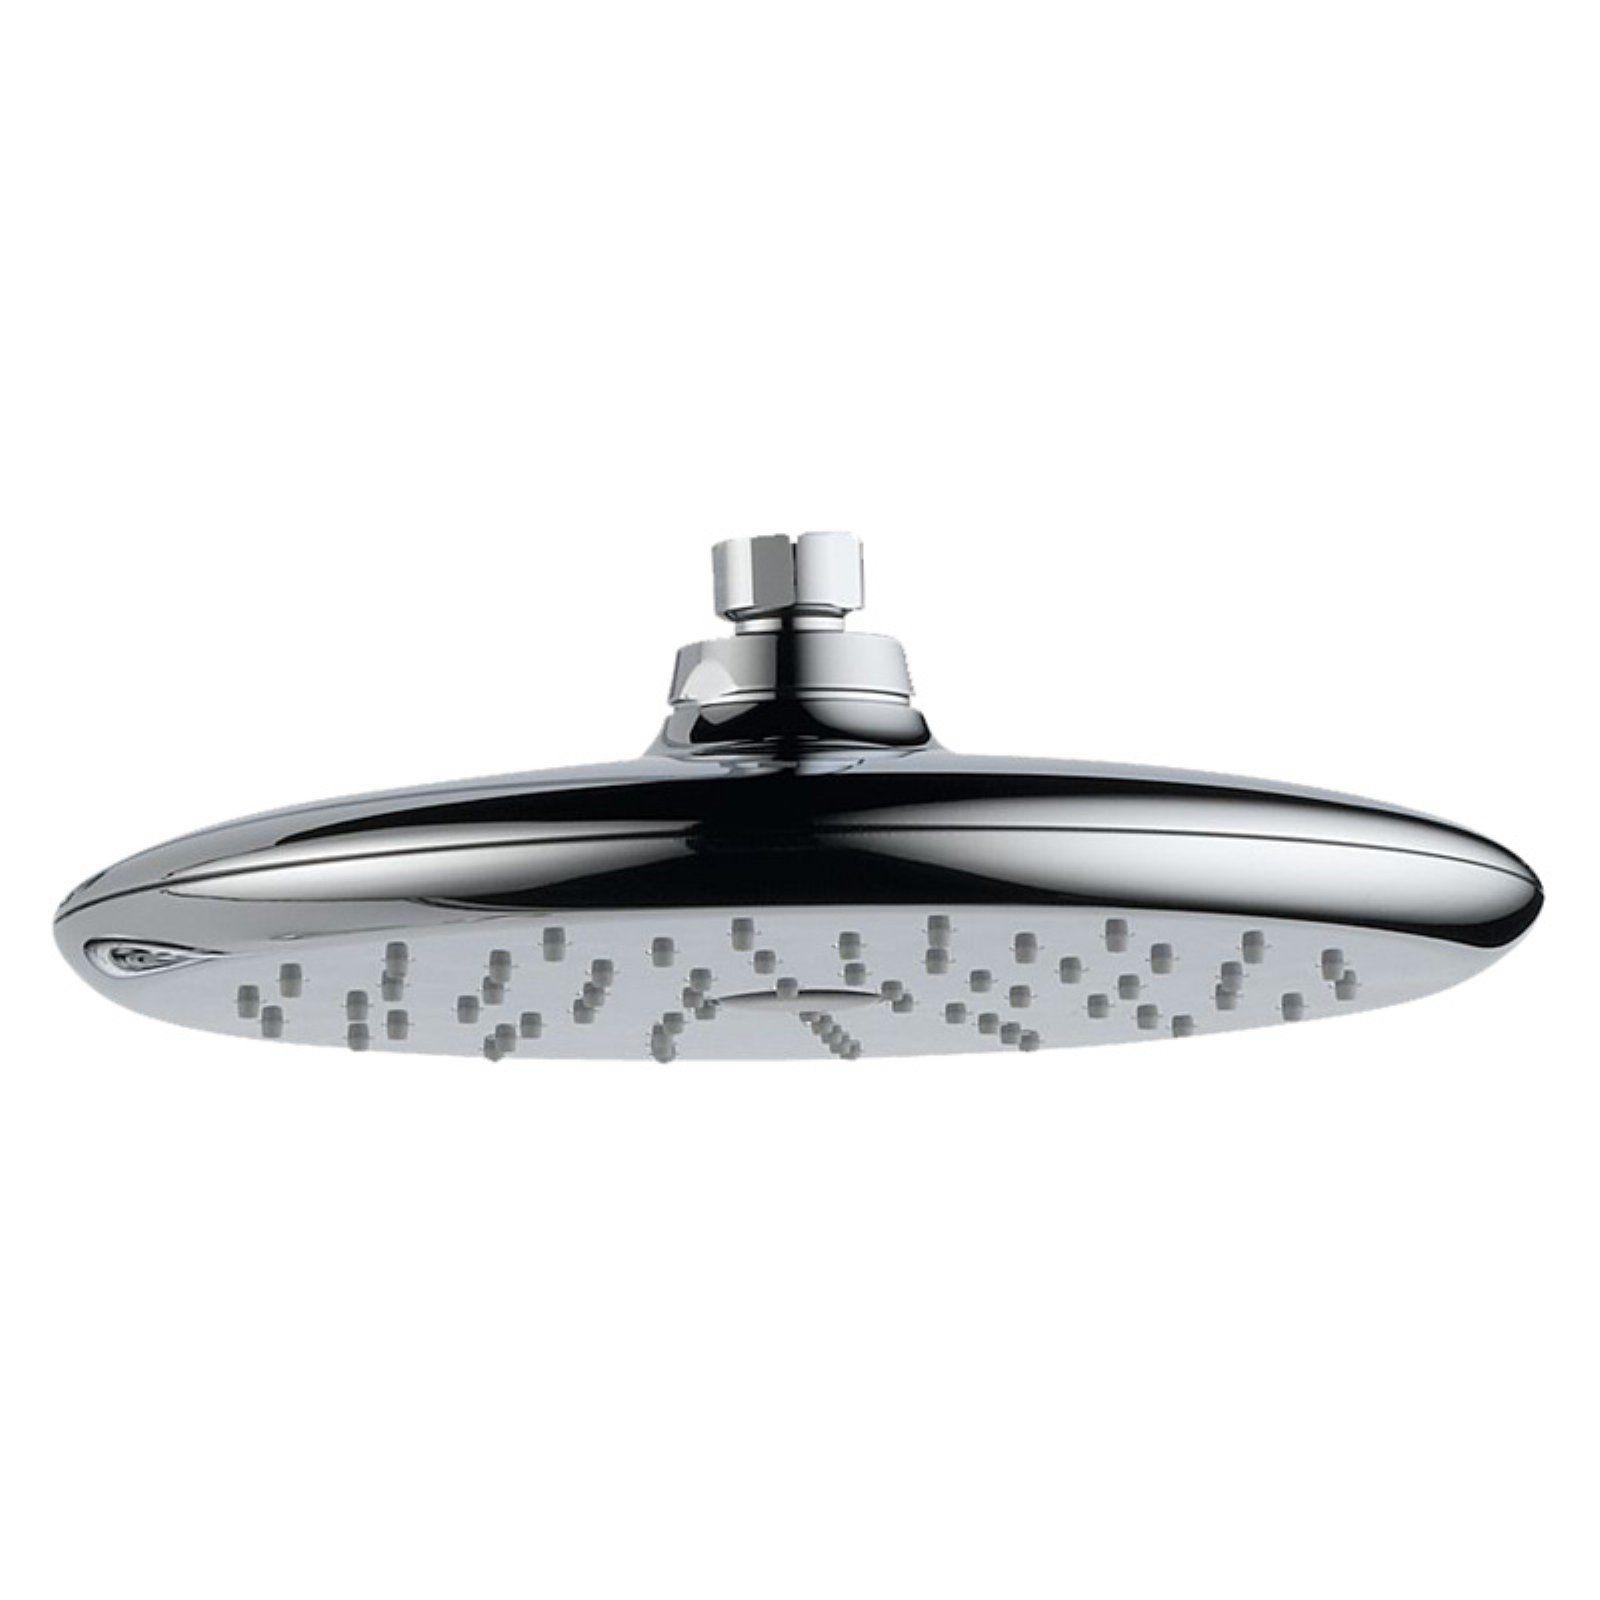 Delta Lahara 52382 Touch Clean Raincan Shower Head Rain Shower